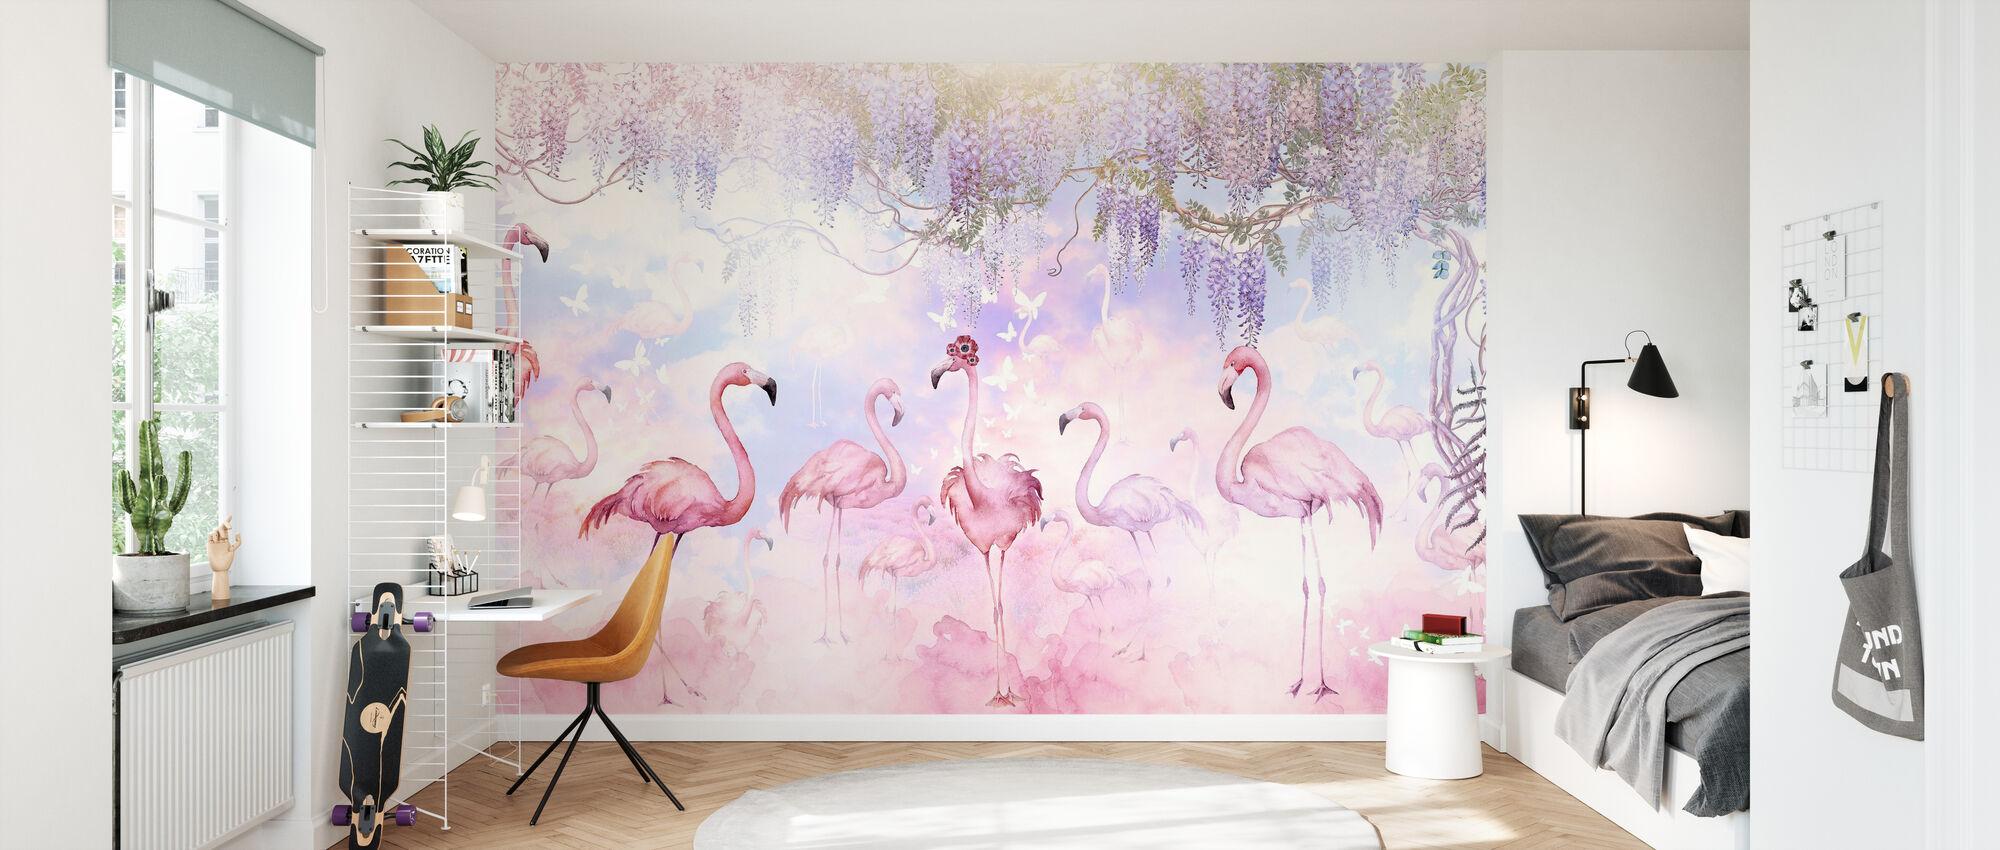 Flamingo Heaven - Wallpaper - Kids Room